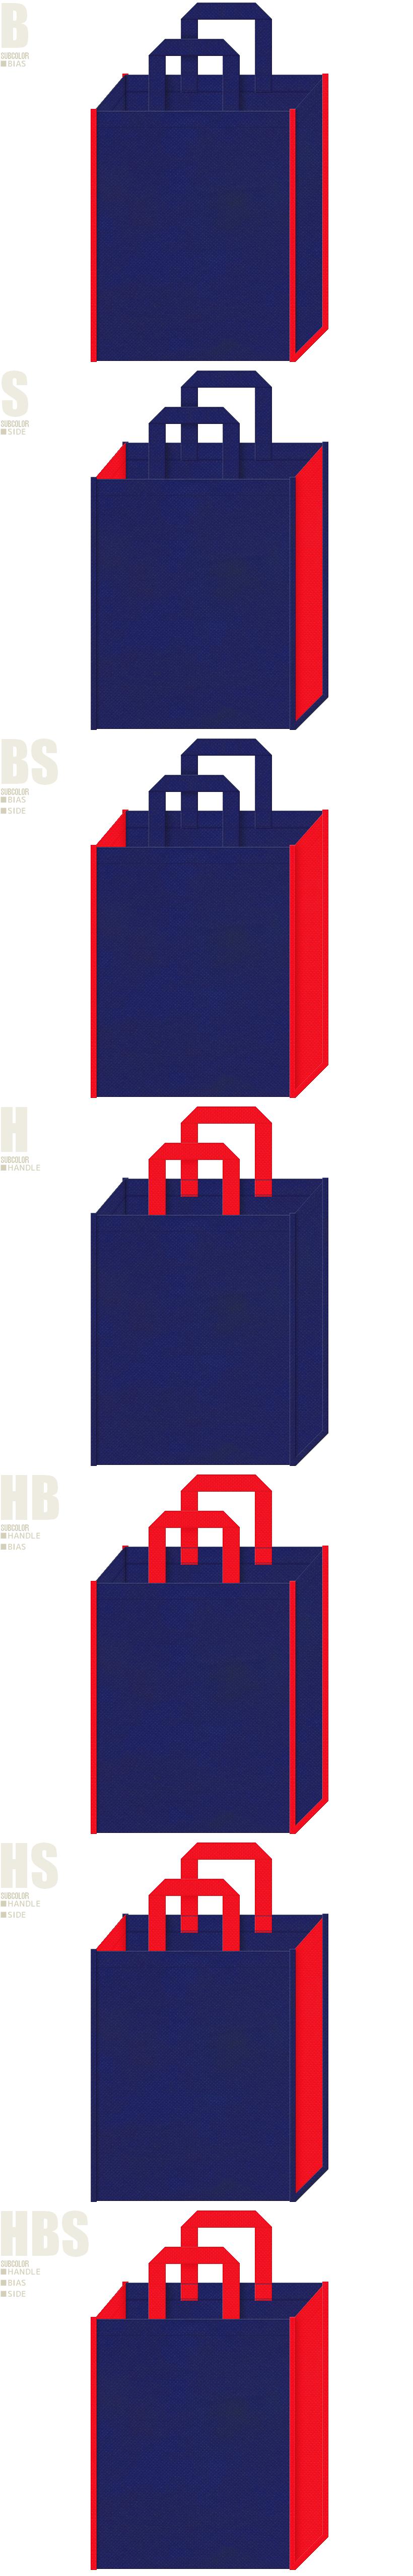 夏祭り・縁日・法被・花火大会・金魚すくい等のサマーイベント向けにお奨めの不織布バッグデザイン:明るい紺色と赤色の不織布バッグ配色7パターン